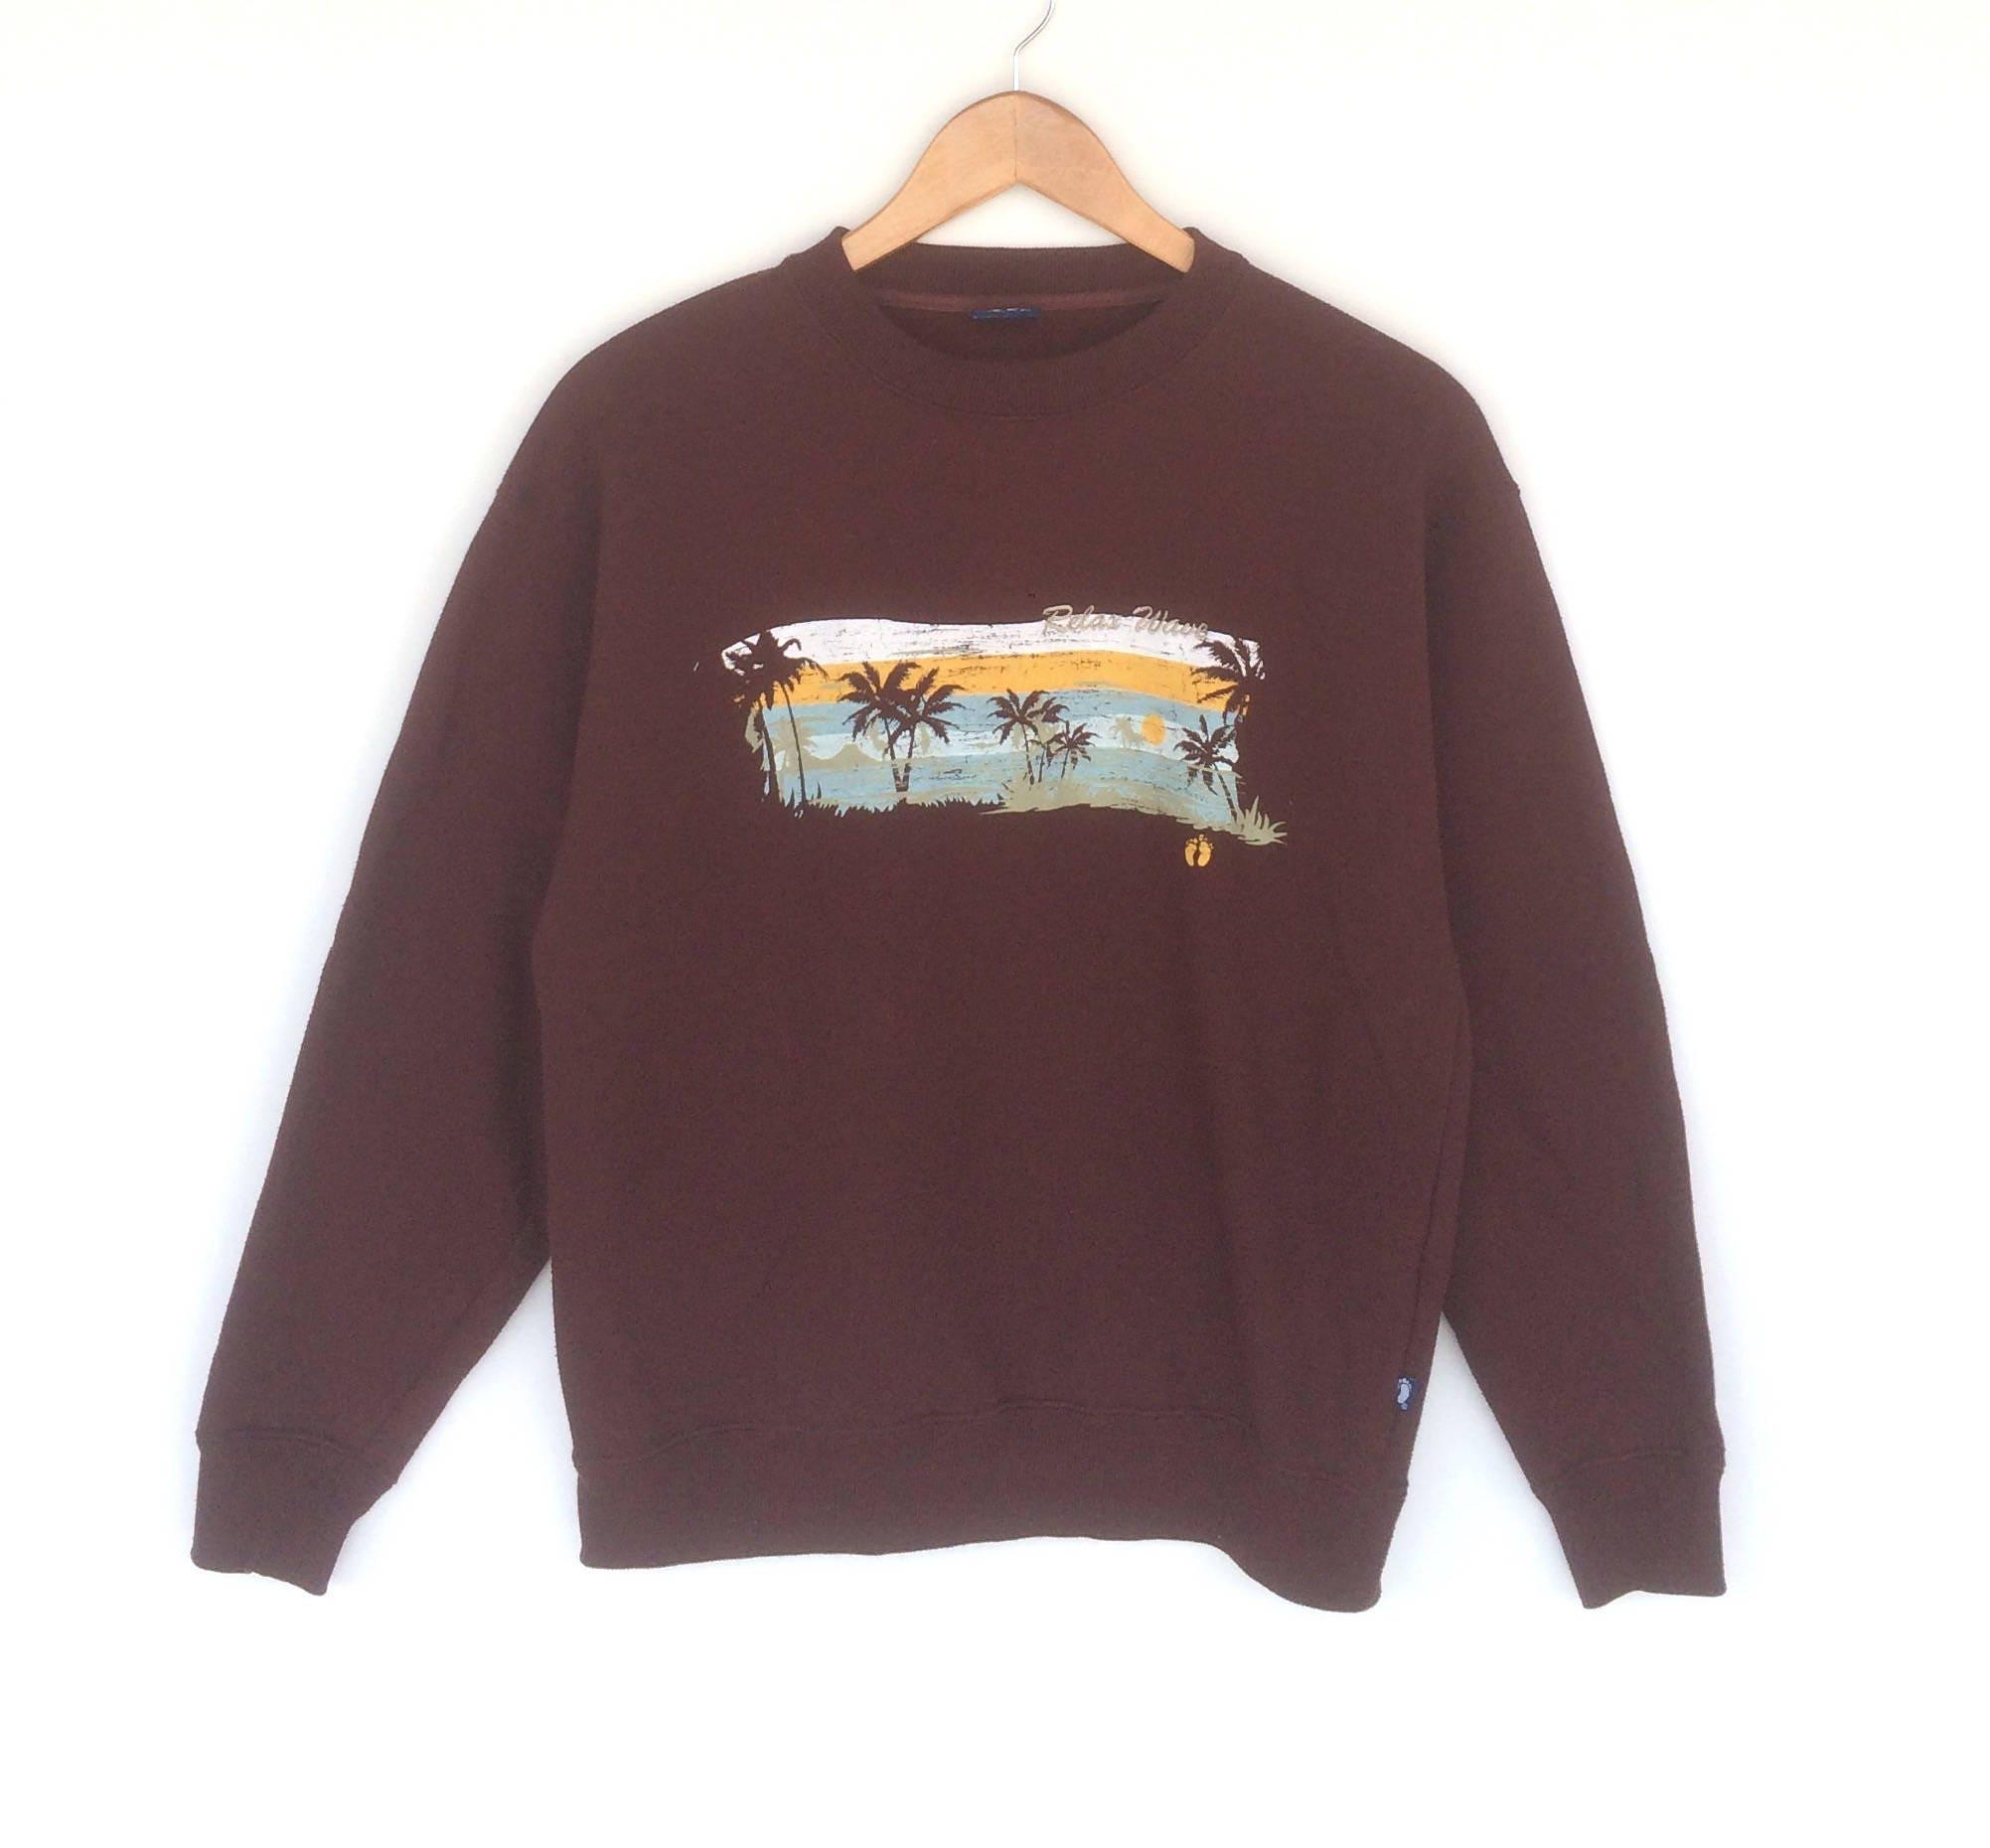 Accrocher surf les dix Sweatshirt surf Accrocher taille moyenne couleur marron pull pull veste pull Sweat à capuche Vintage des années 90 Sweat-shirt 5ce2db